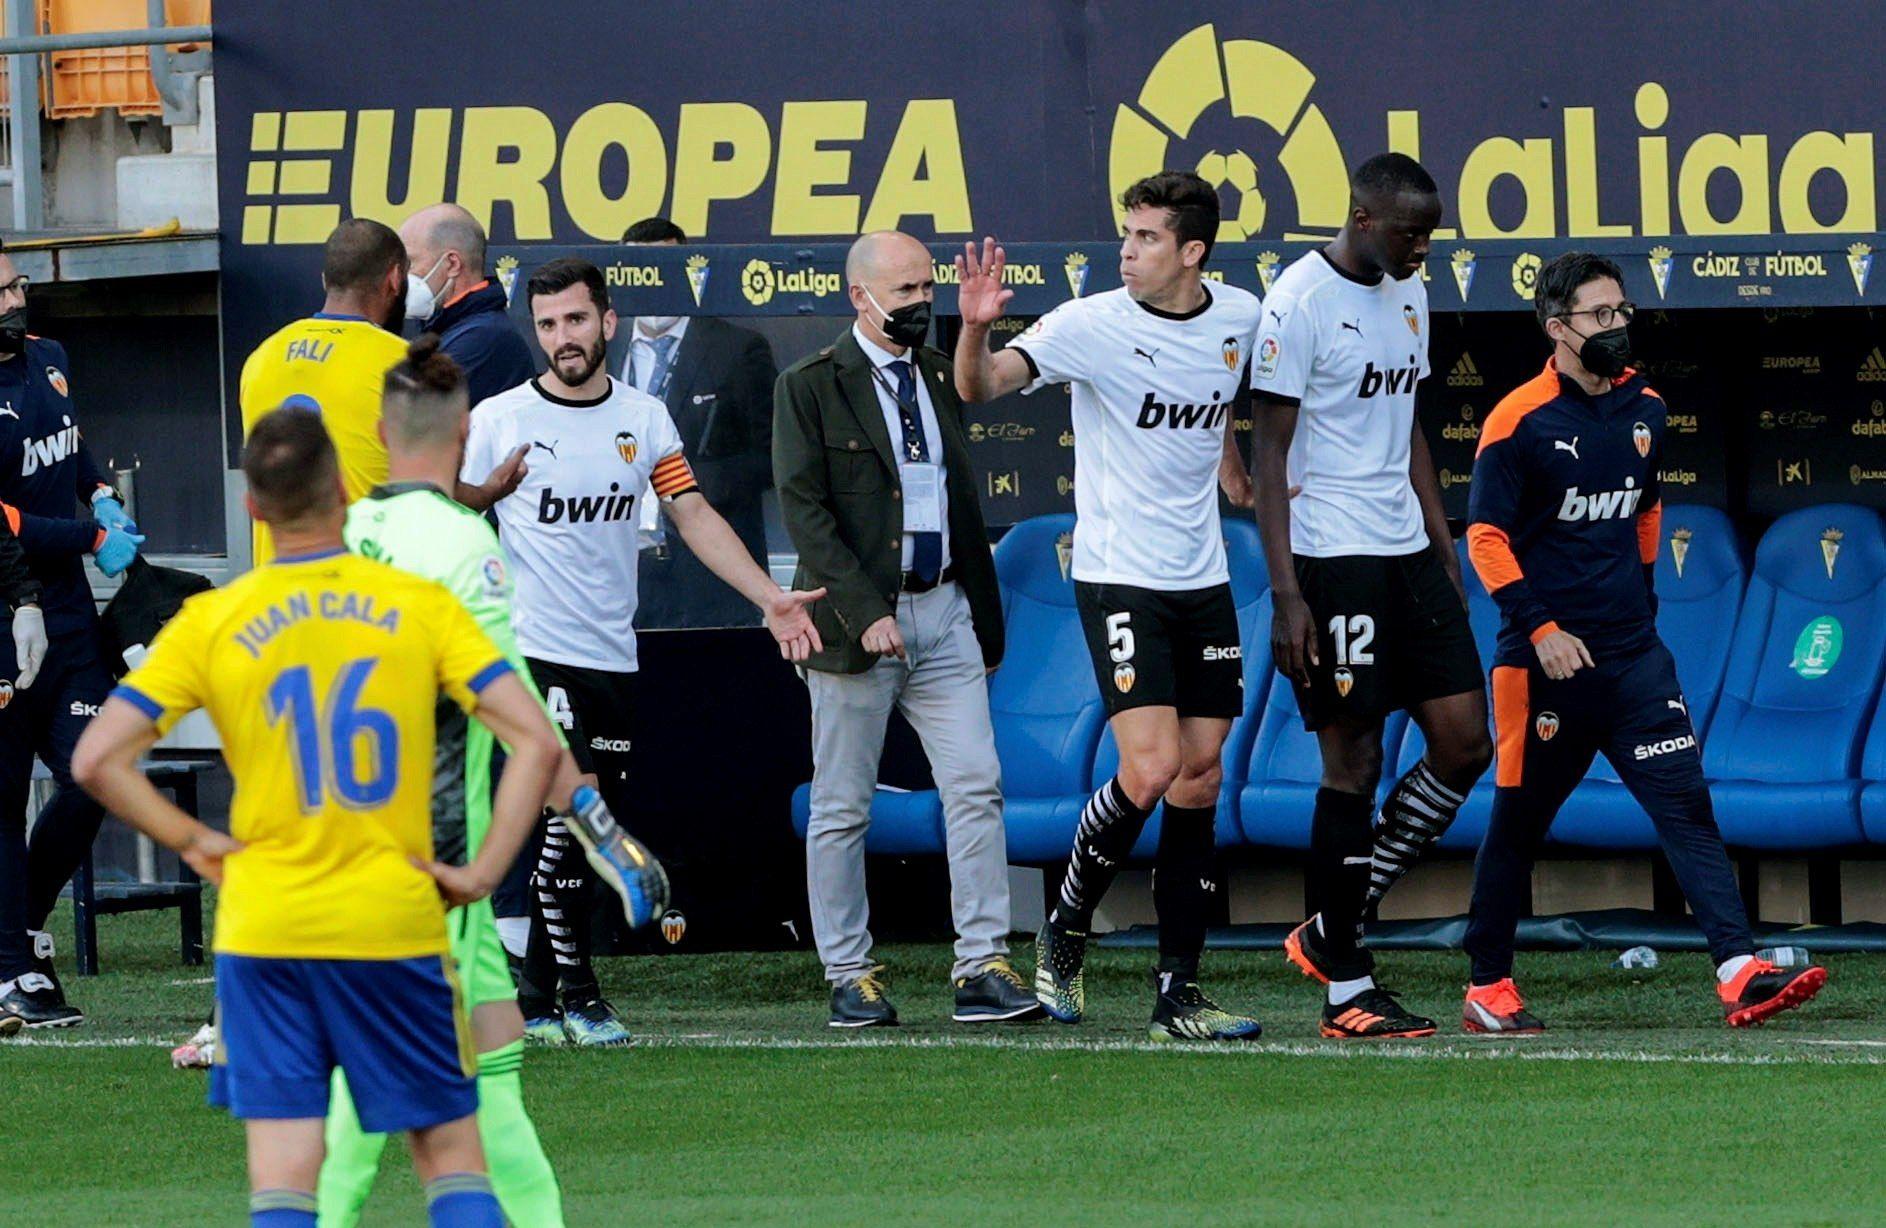 El Valencia CF abandona el césped por insultos racistas a Diakhaby